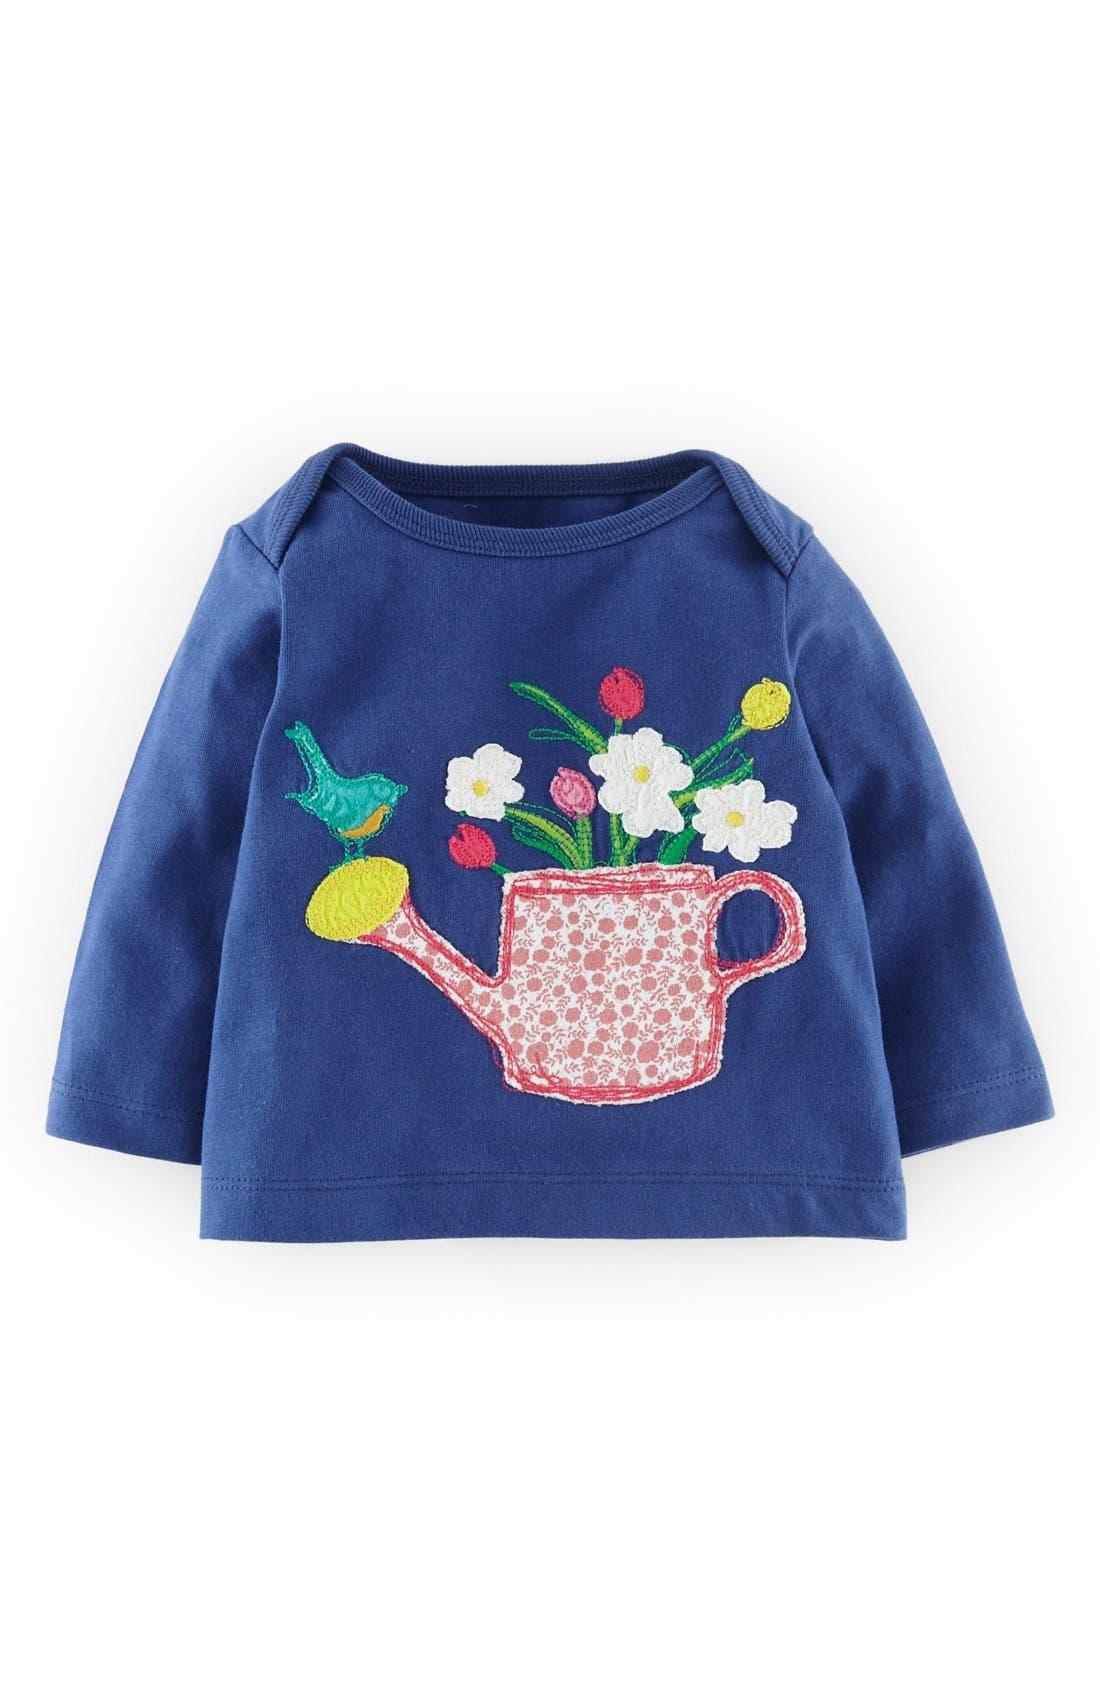 Mini Boden Patchwork Appliqué Tee (Baby Girls)